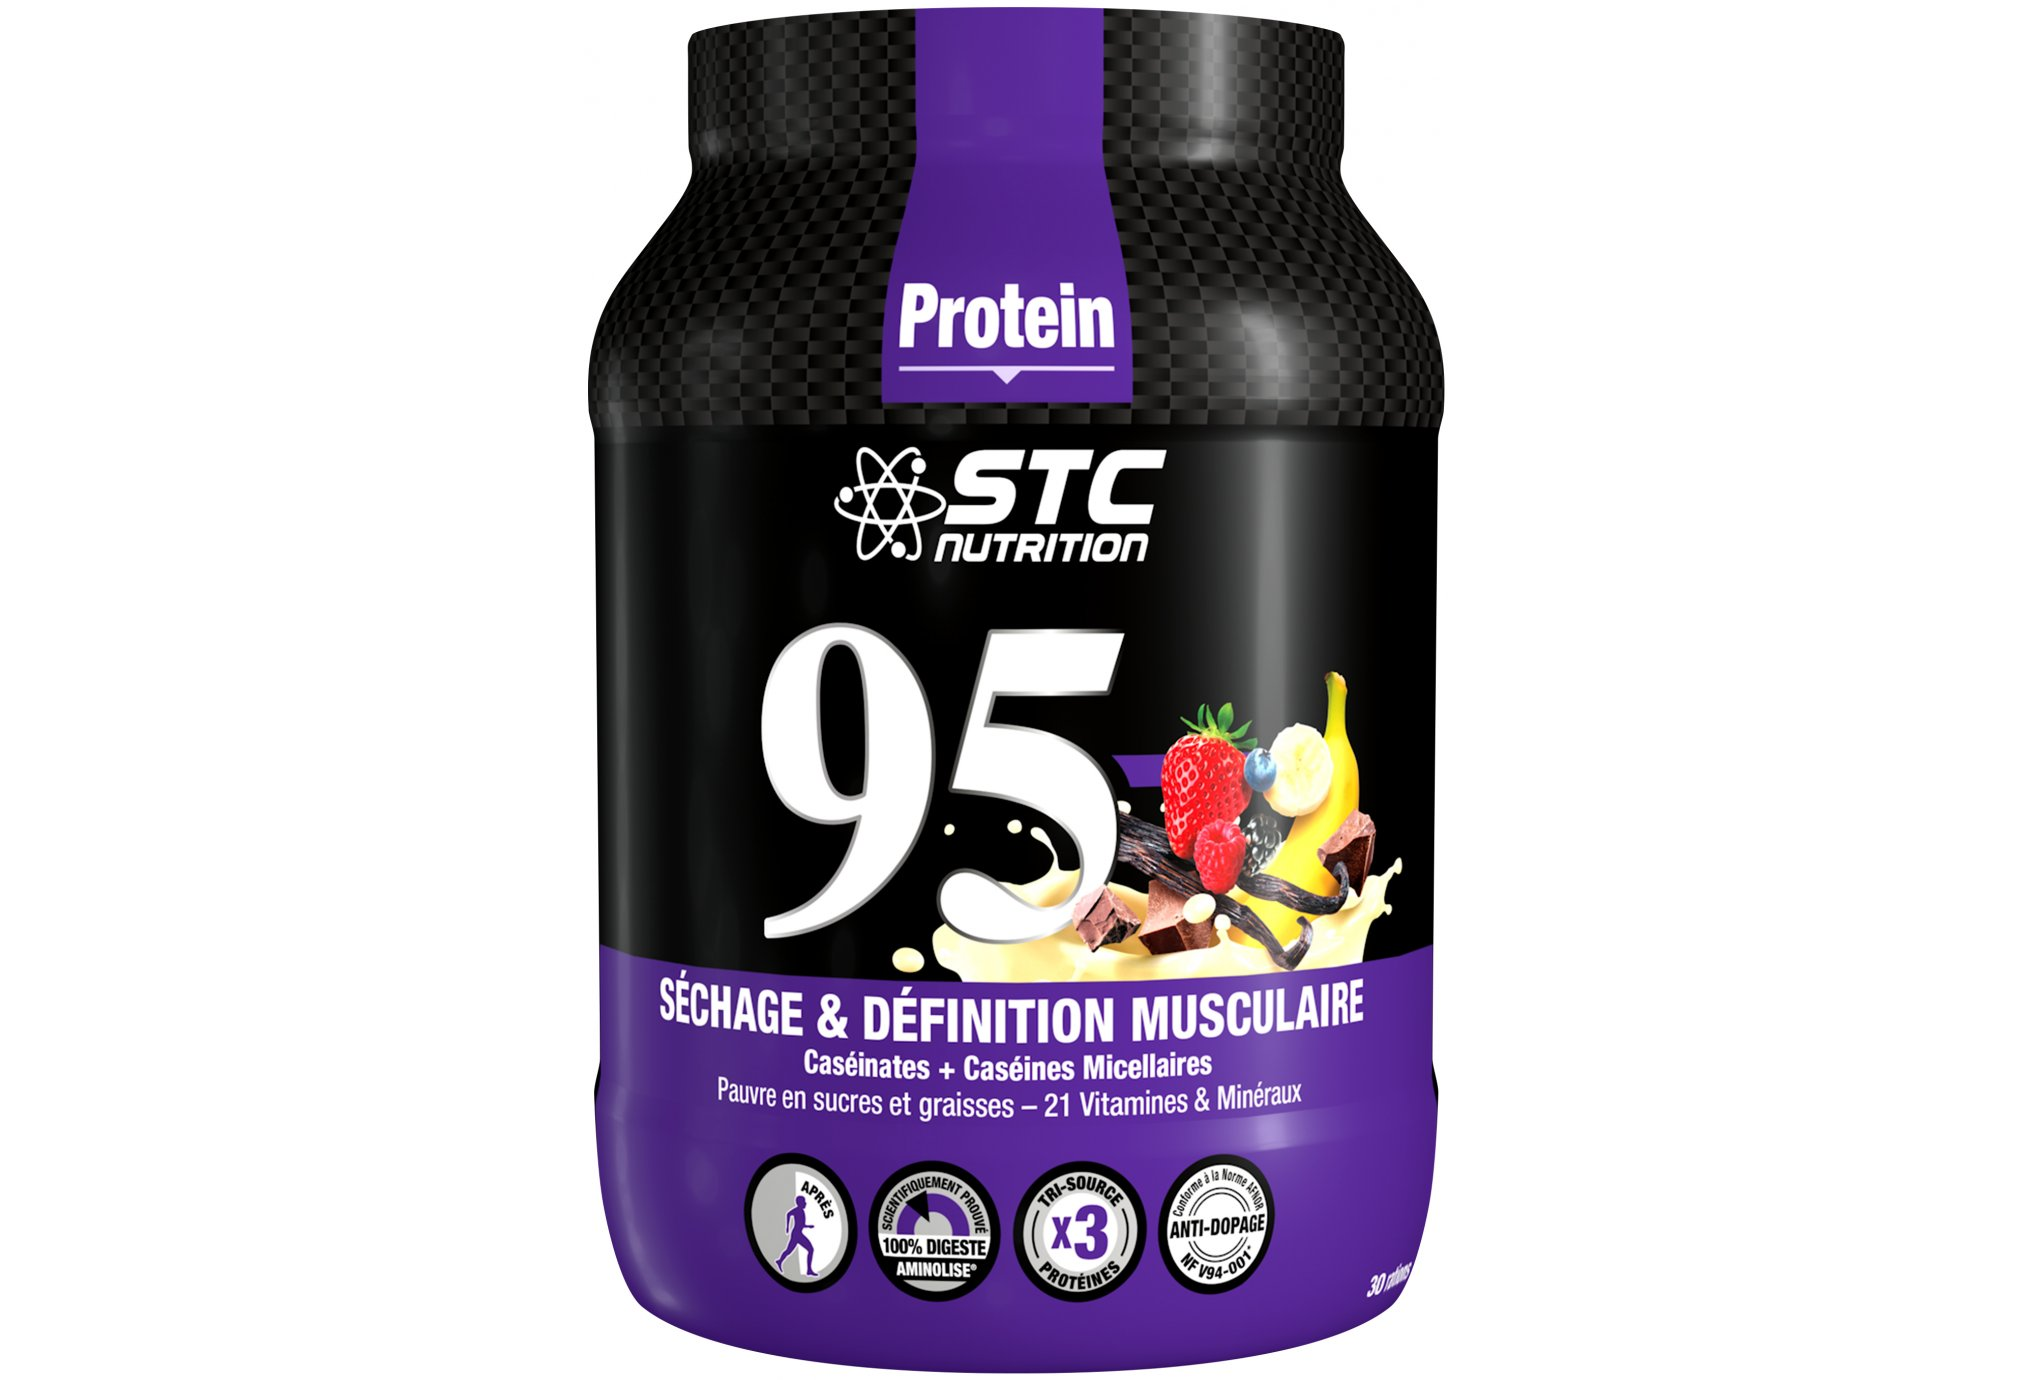 STC Nutrition 95 Pure Premium Protein 750 g - Fruits Rouges Diététique Protéines / récupération